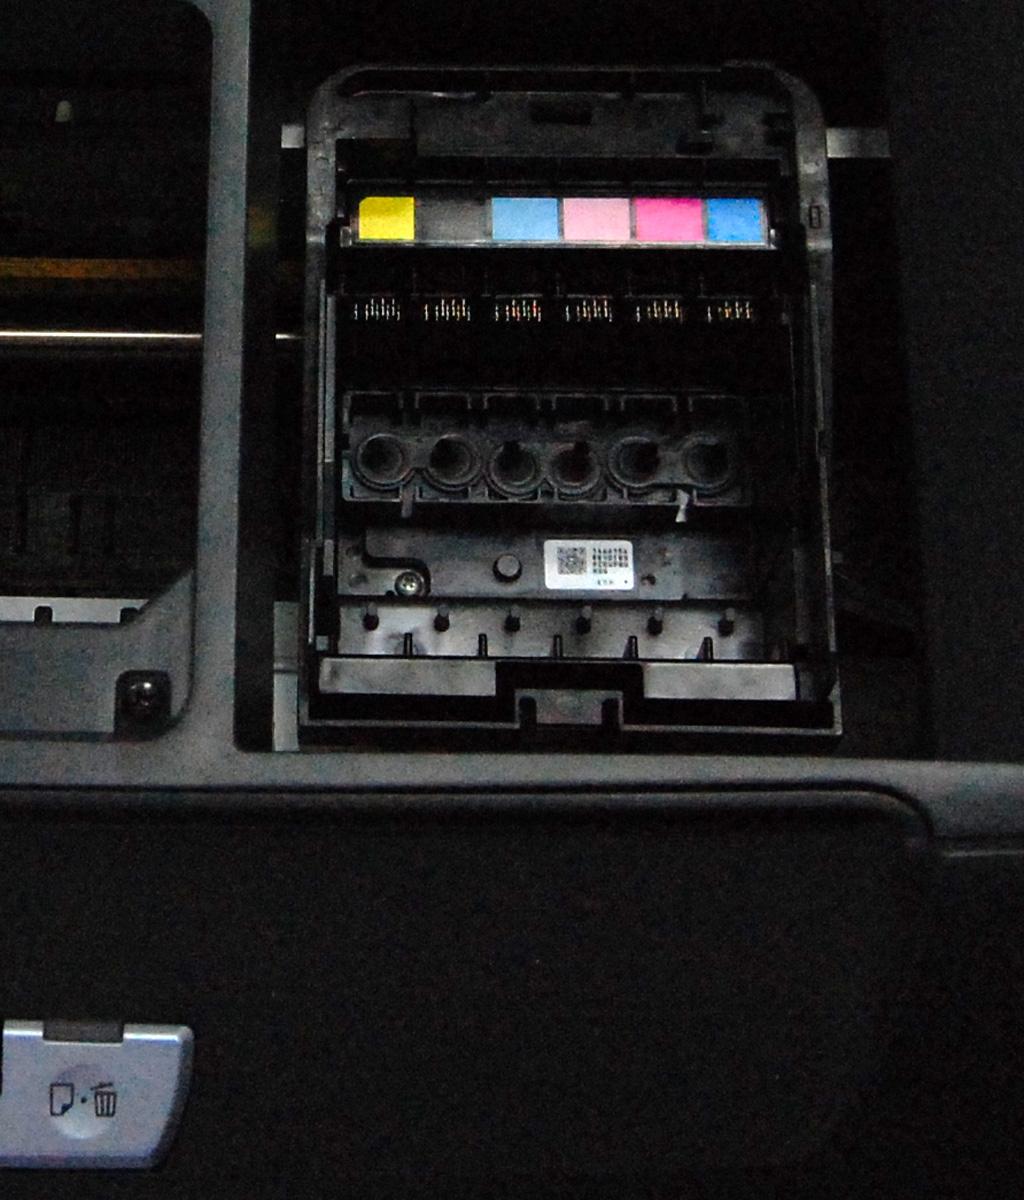 промывка печатающей головки epson r270 подробная инструкция с фо